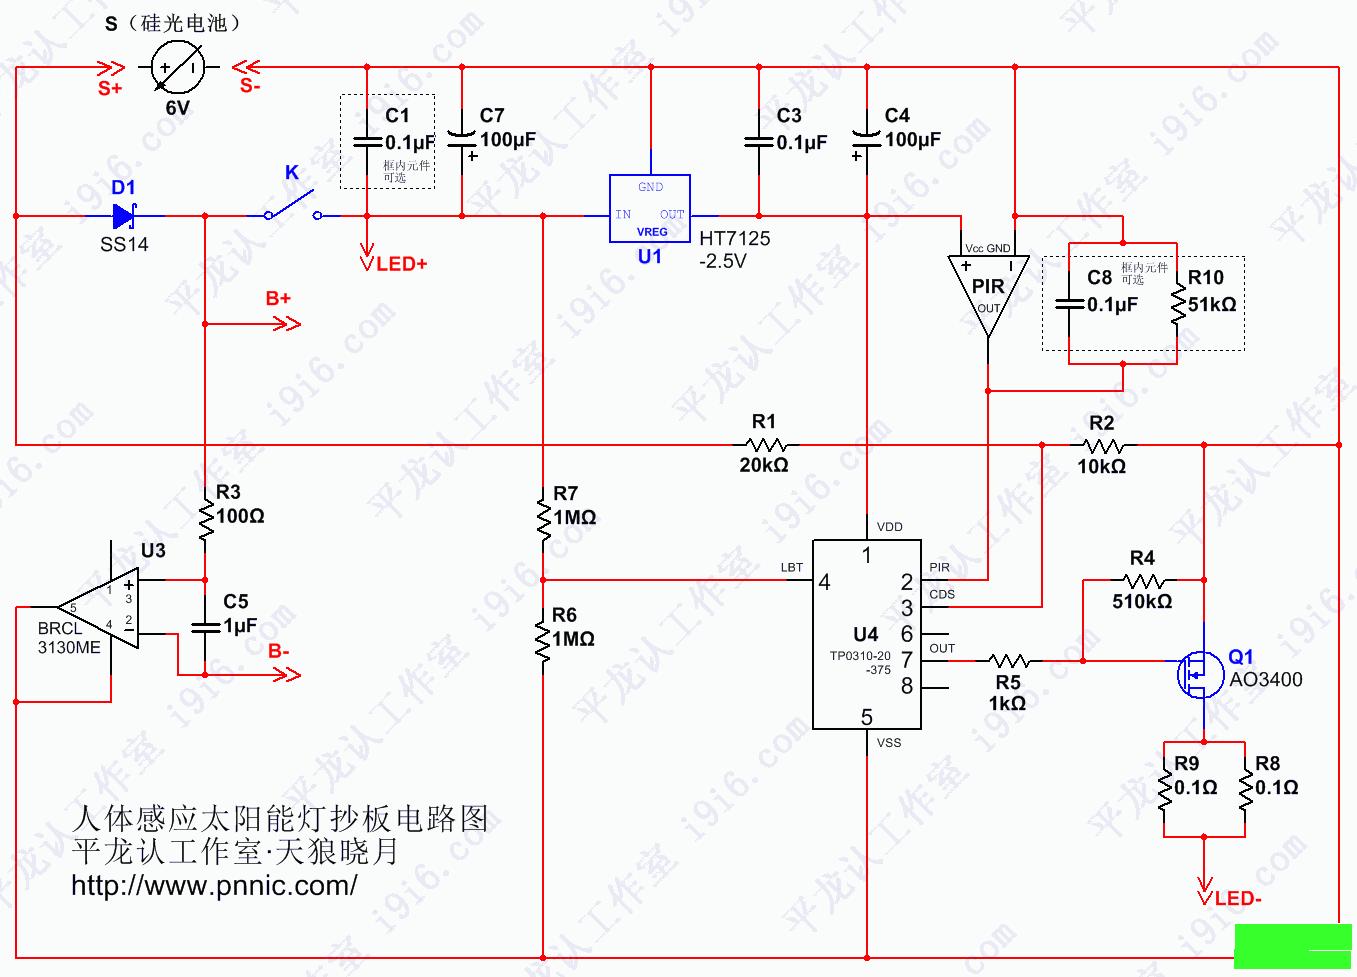 派拉丁人体感应太阳能小夜灯抄板电路图水印版.png